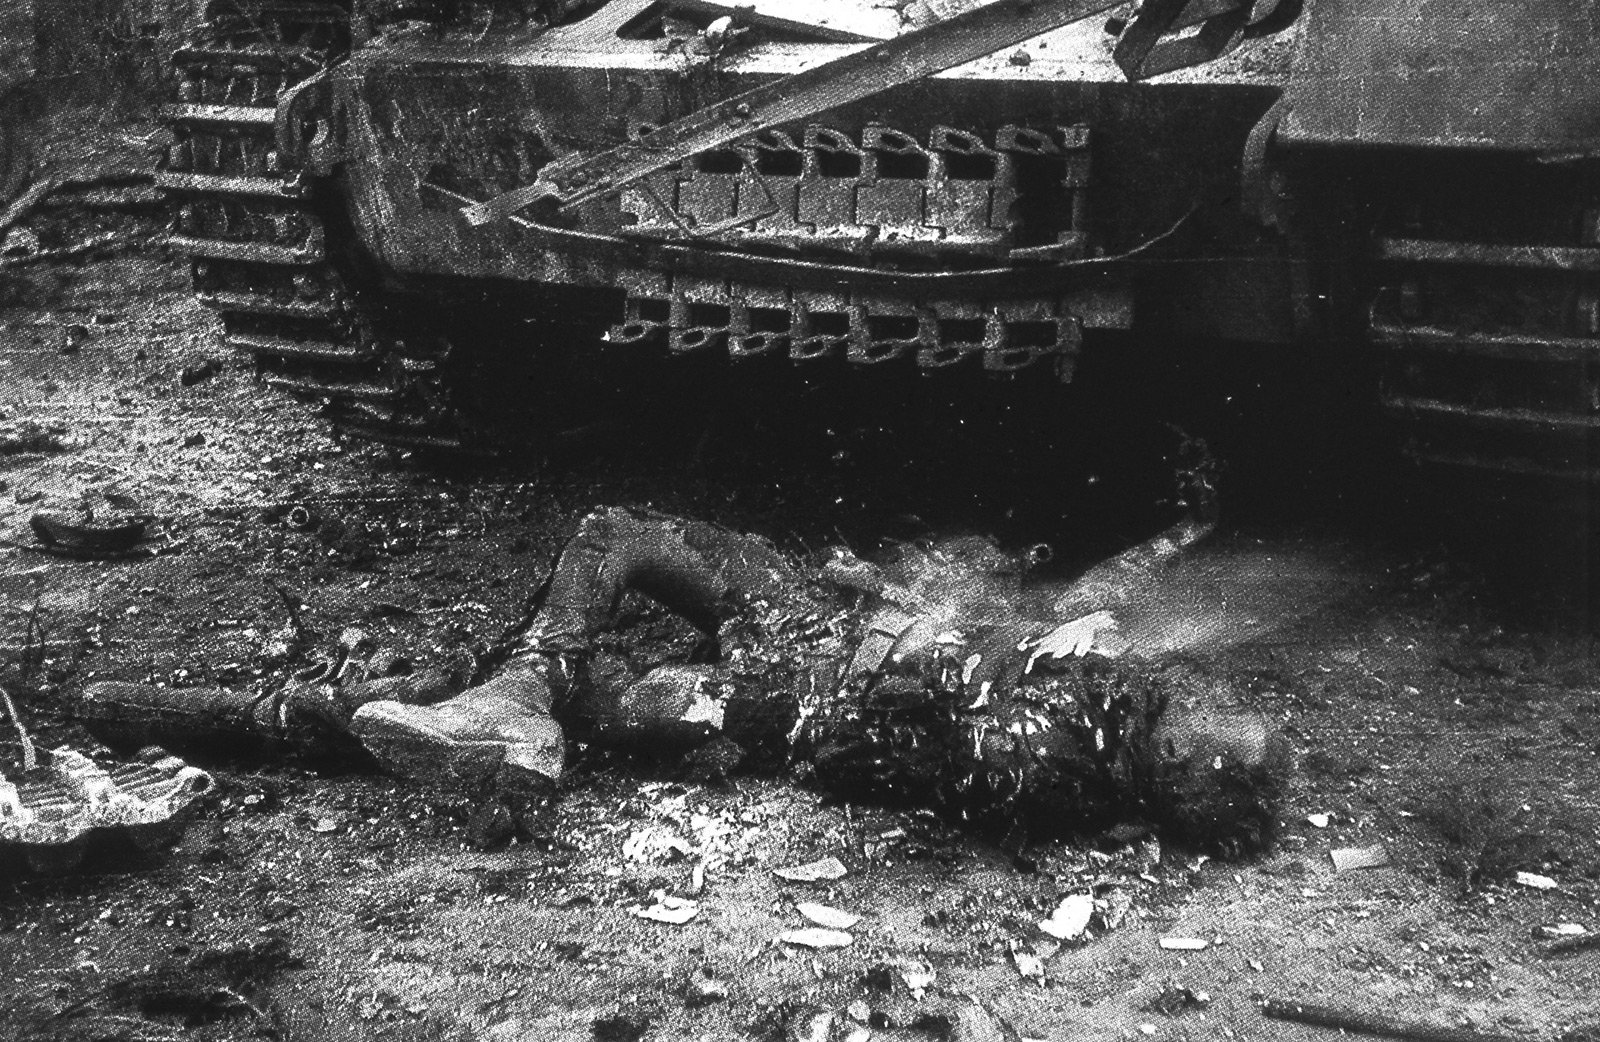 10_gott_mit_uns_egy_nemet_katona_halala_hemmerden_nemetorszag_1945_marcius.jpg